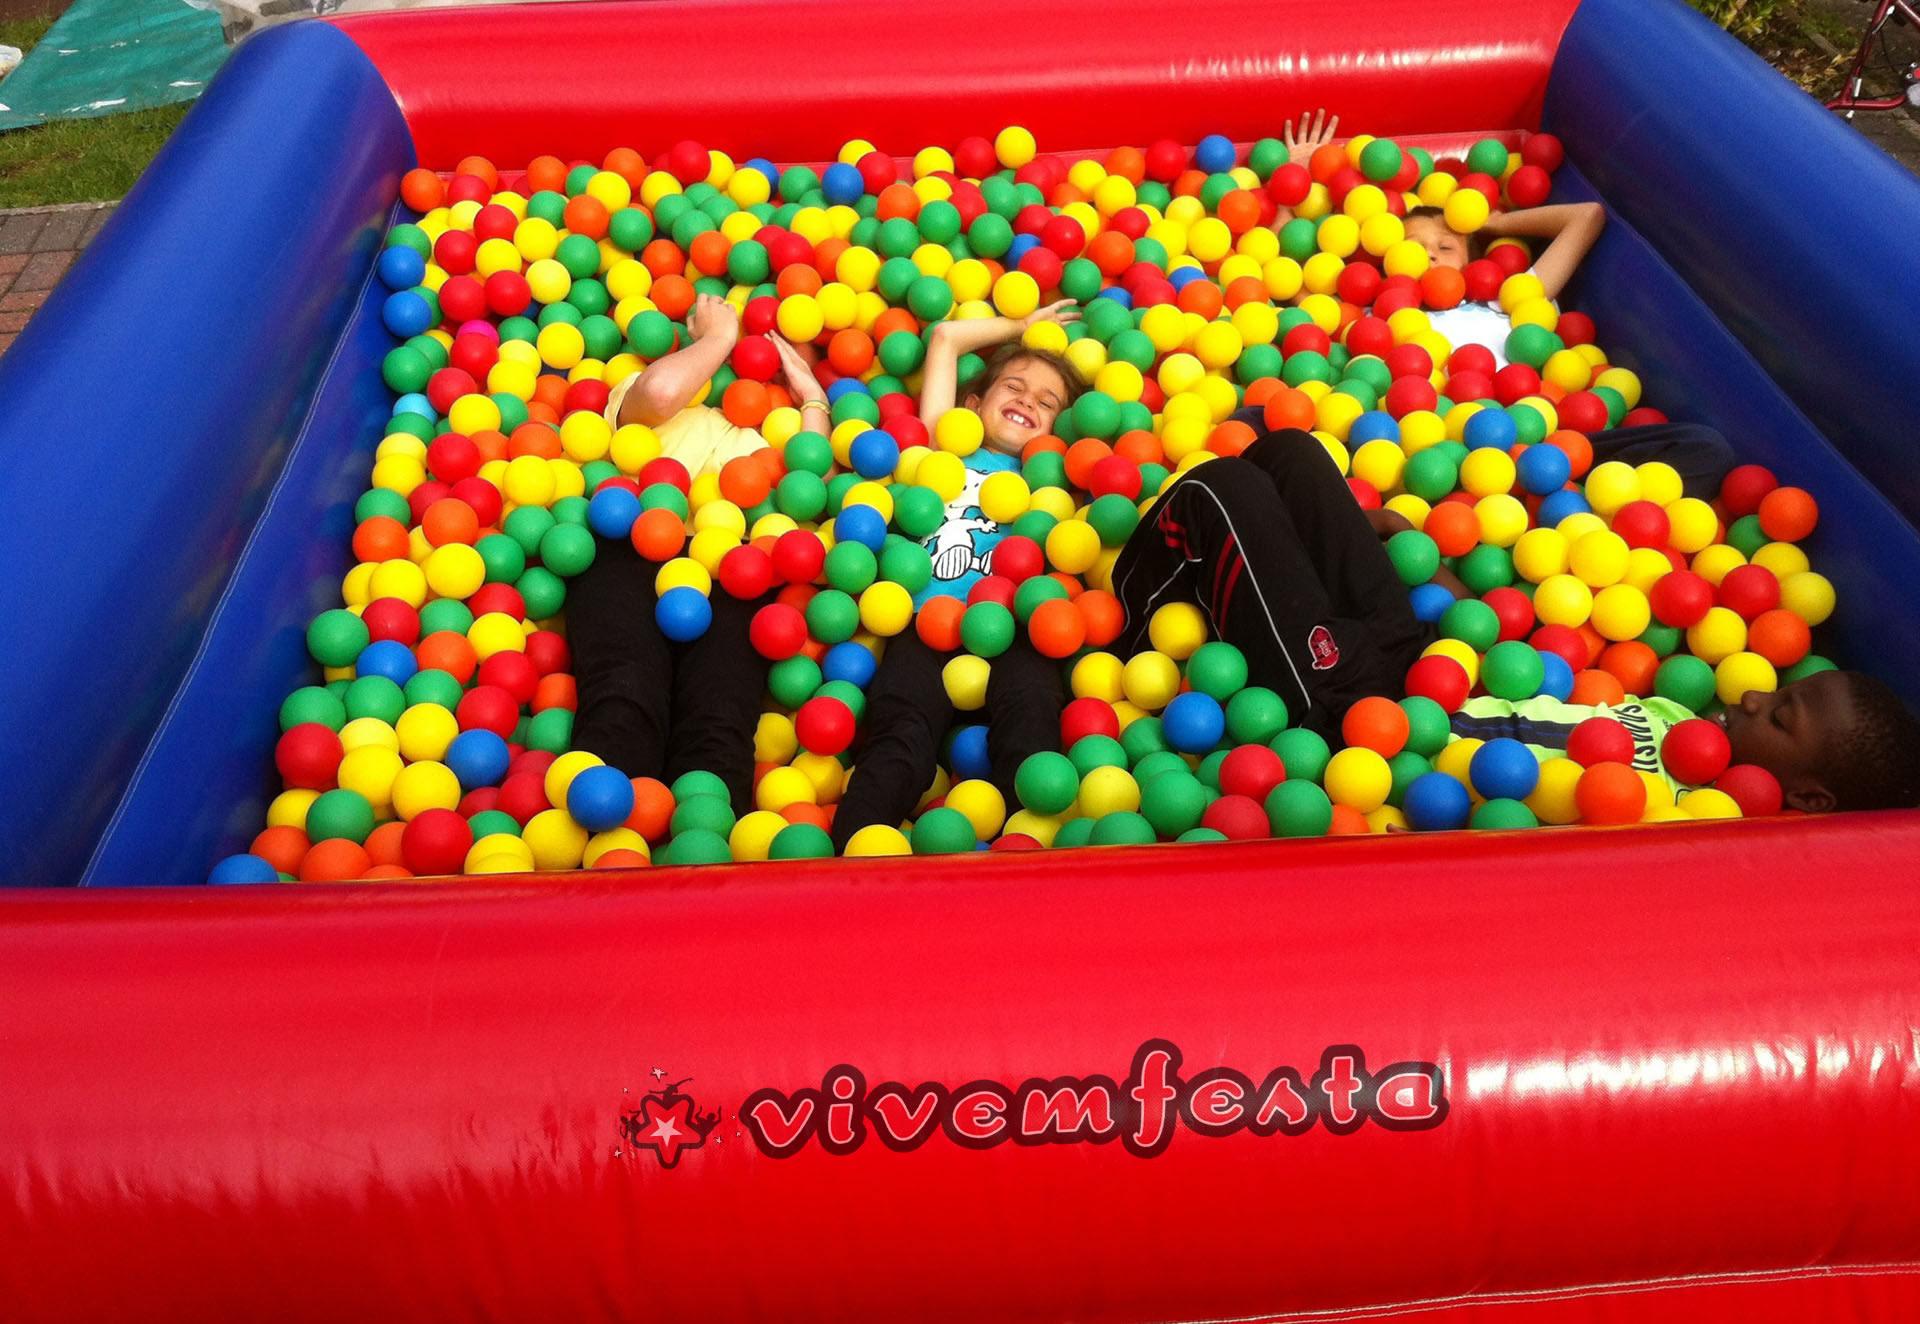 piscina de bolas festas aniversários insufláveis